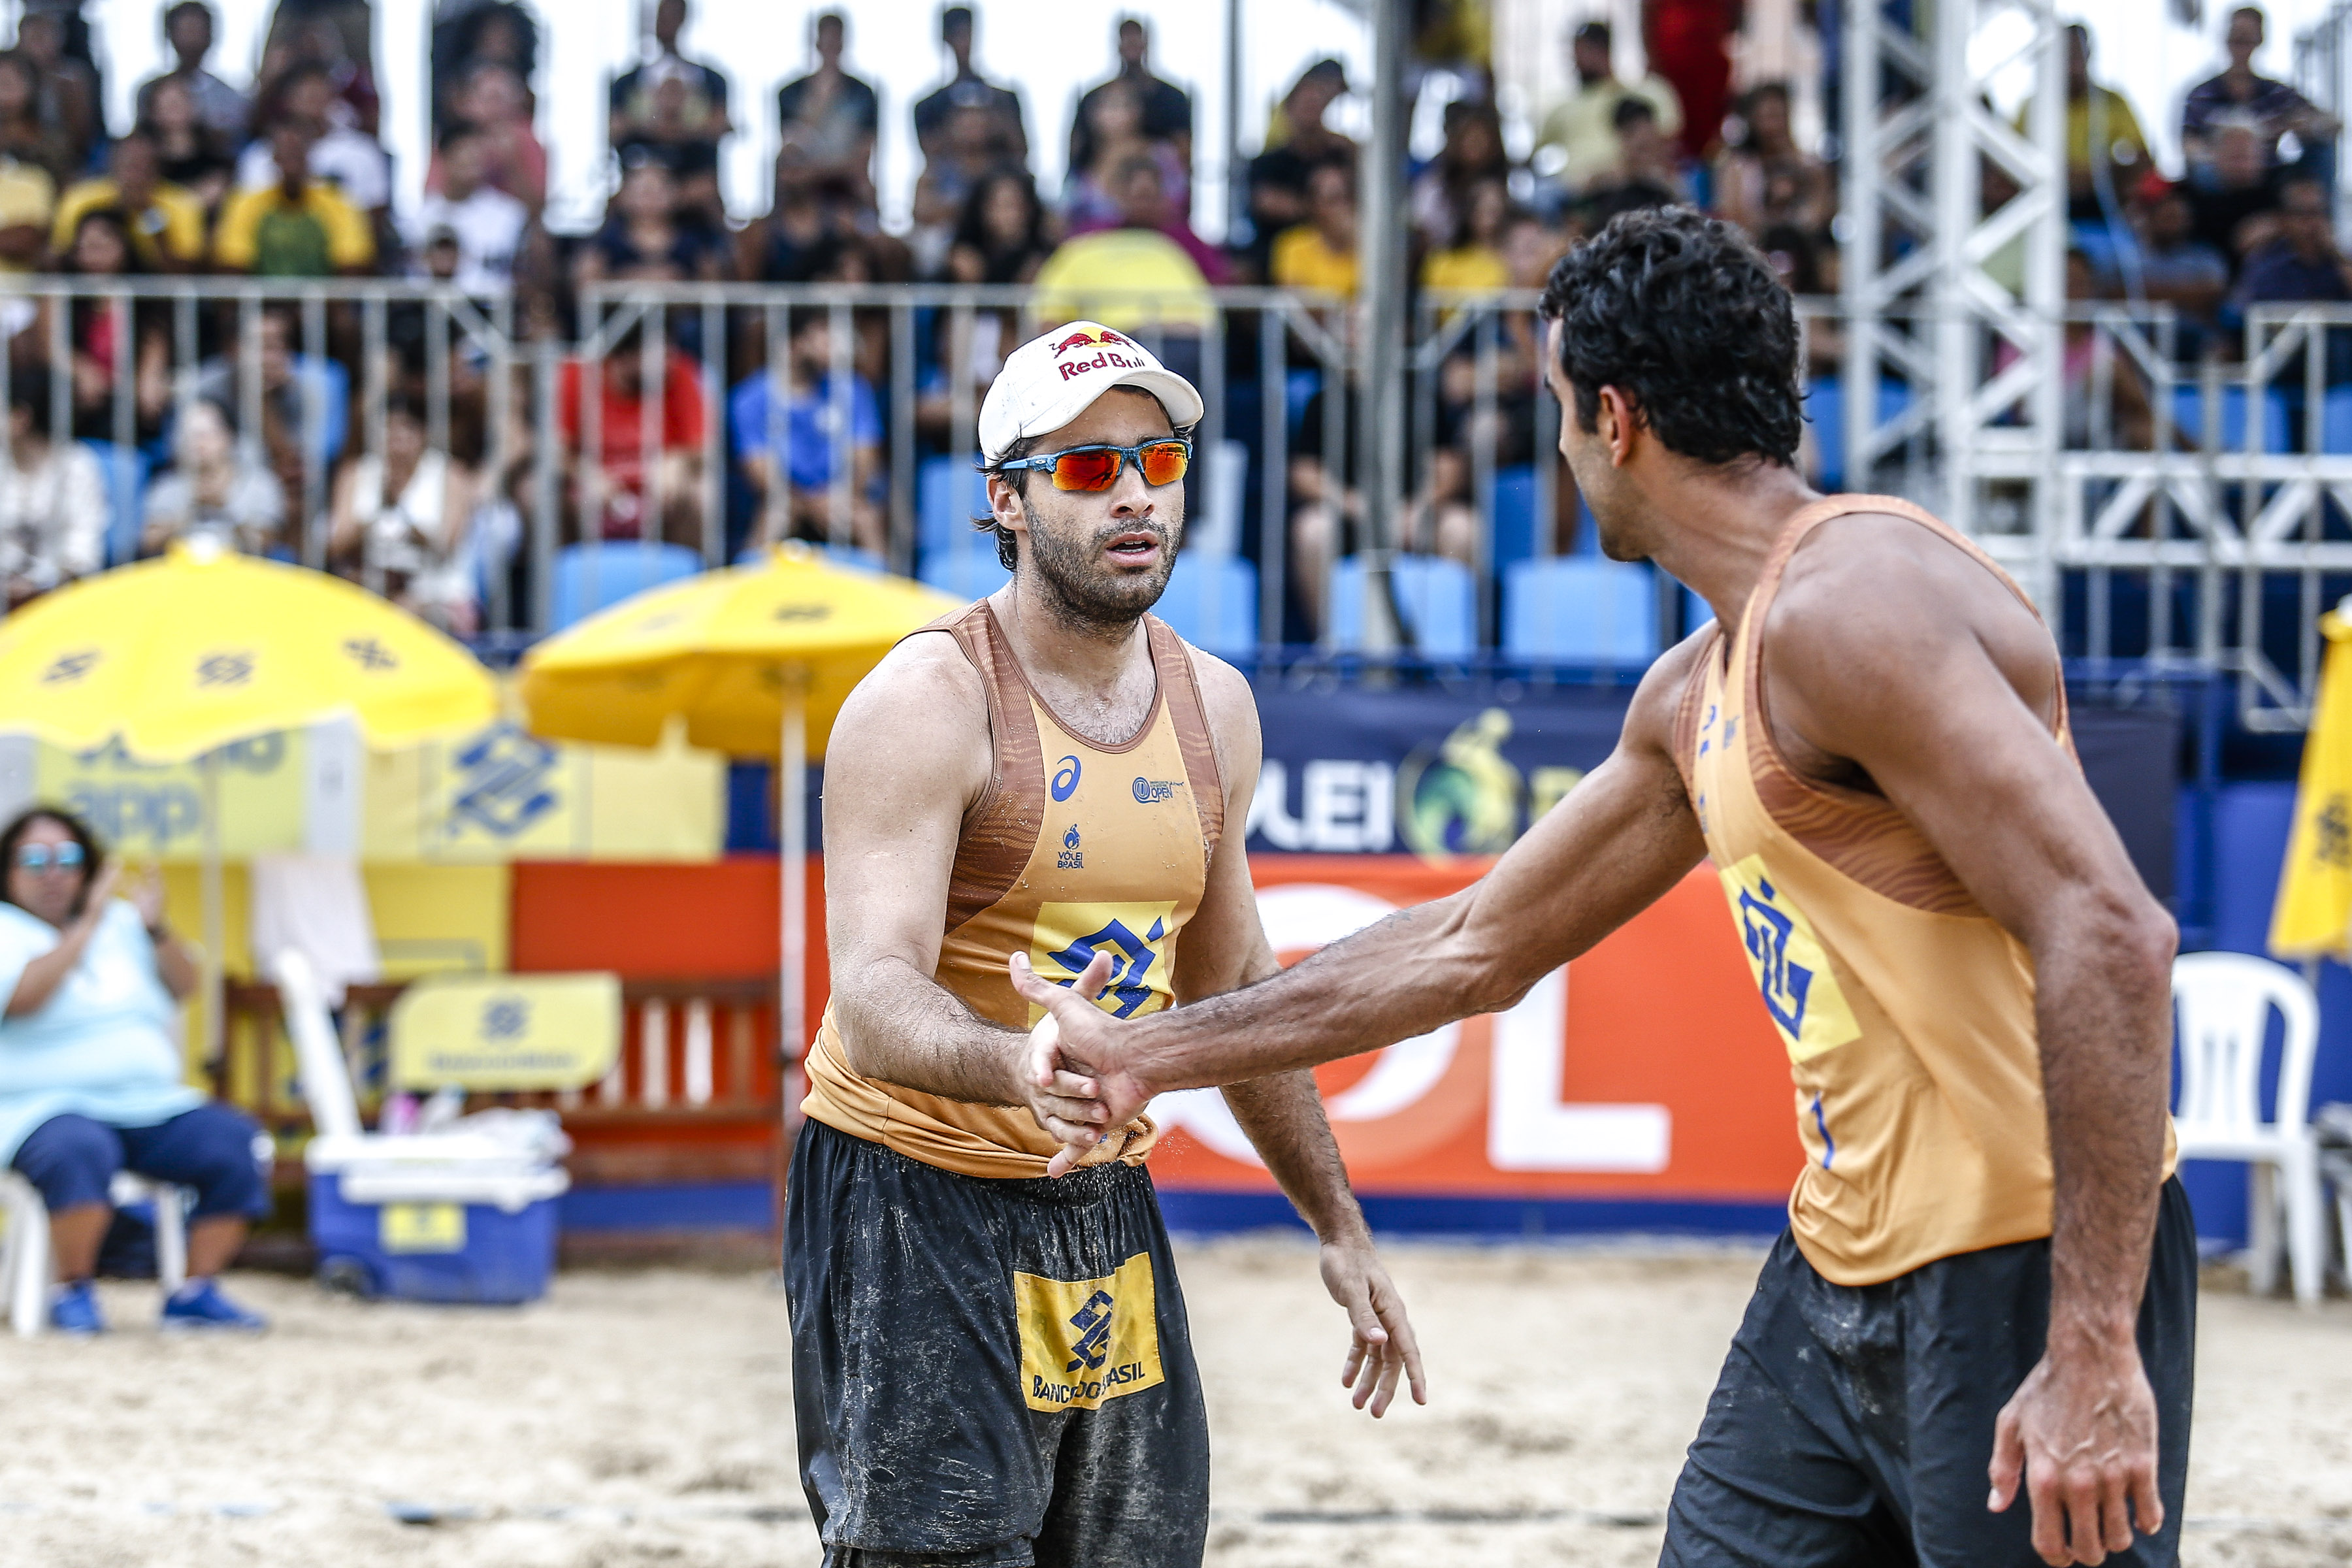 Semifinais do torneio masculino são definidas em São Luís (MA)